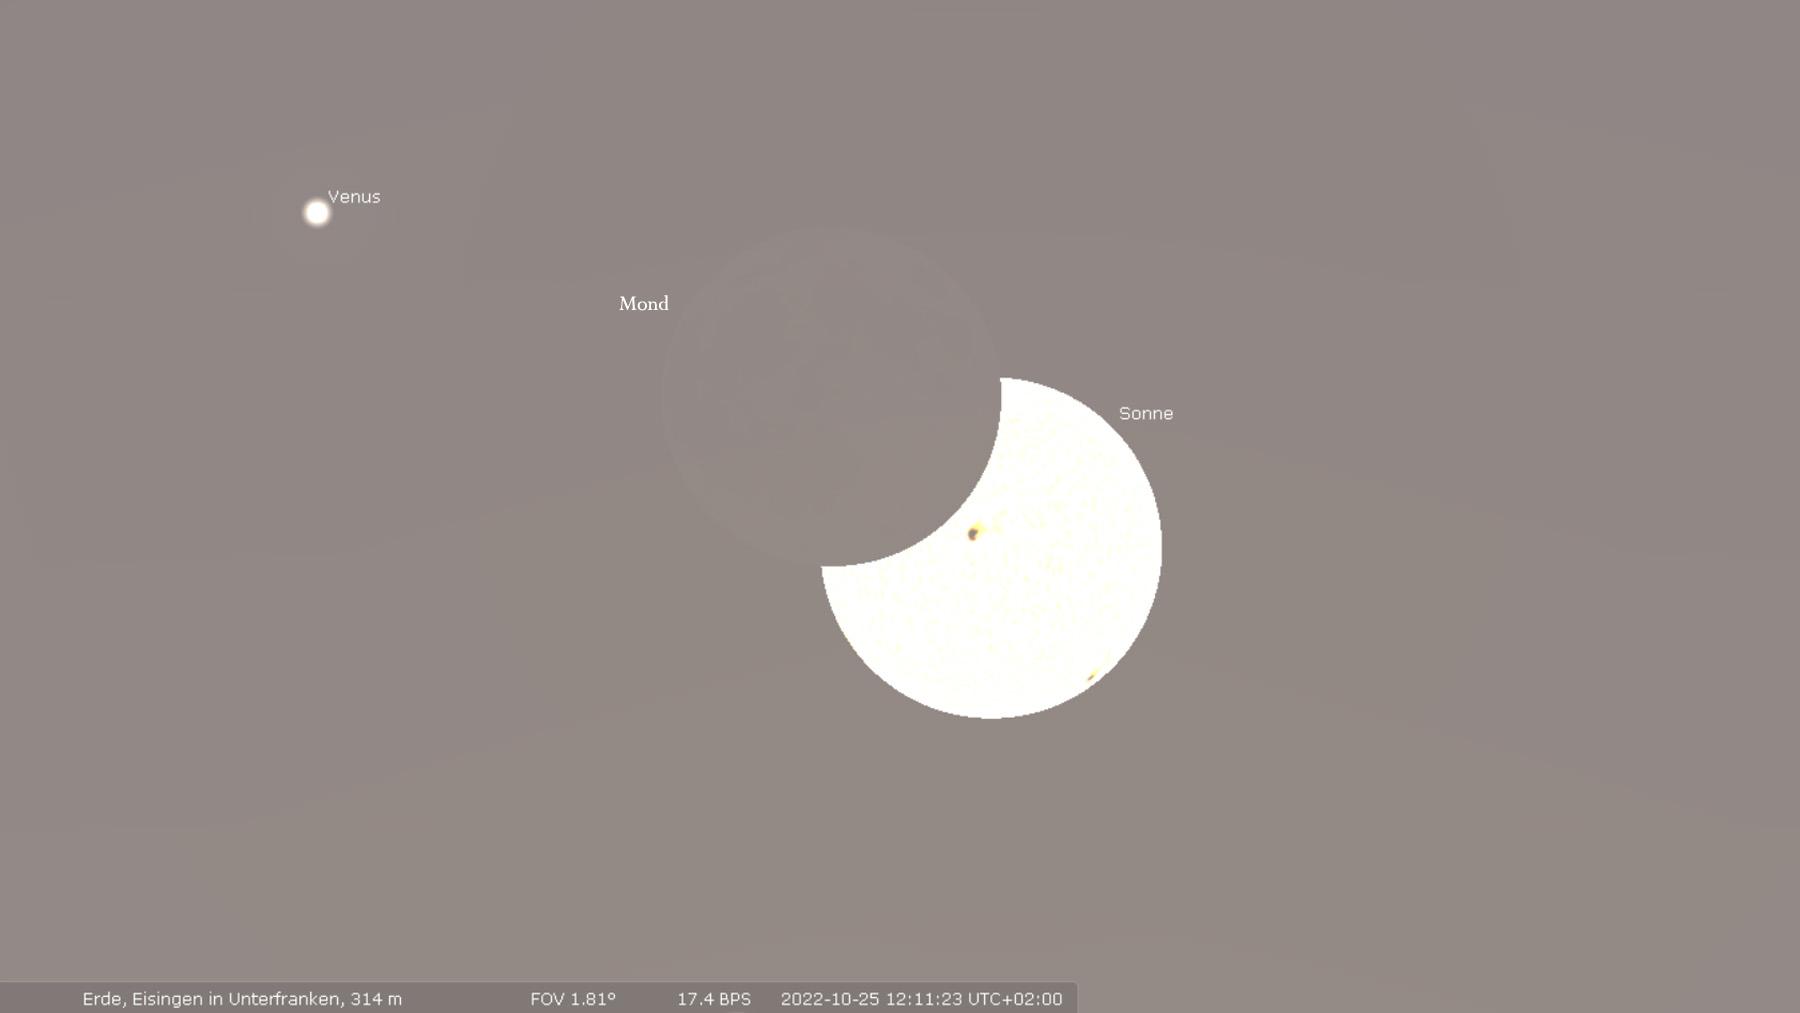 Maximum der partiellen Sonnenfinsternis in Eisingen am 25. Oktober 2022 um 12:11:23 Uhr